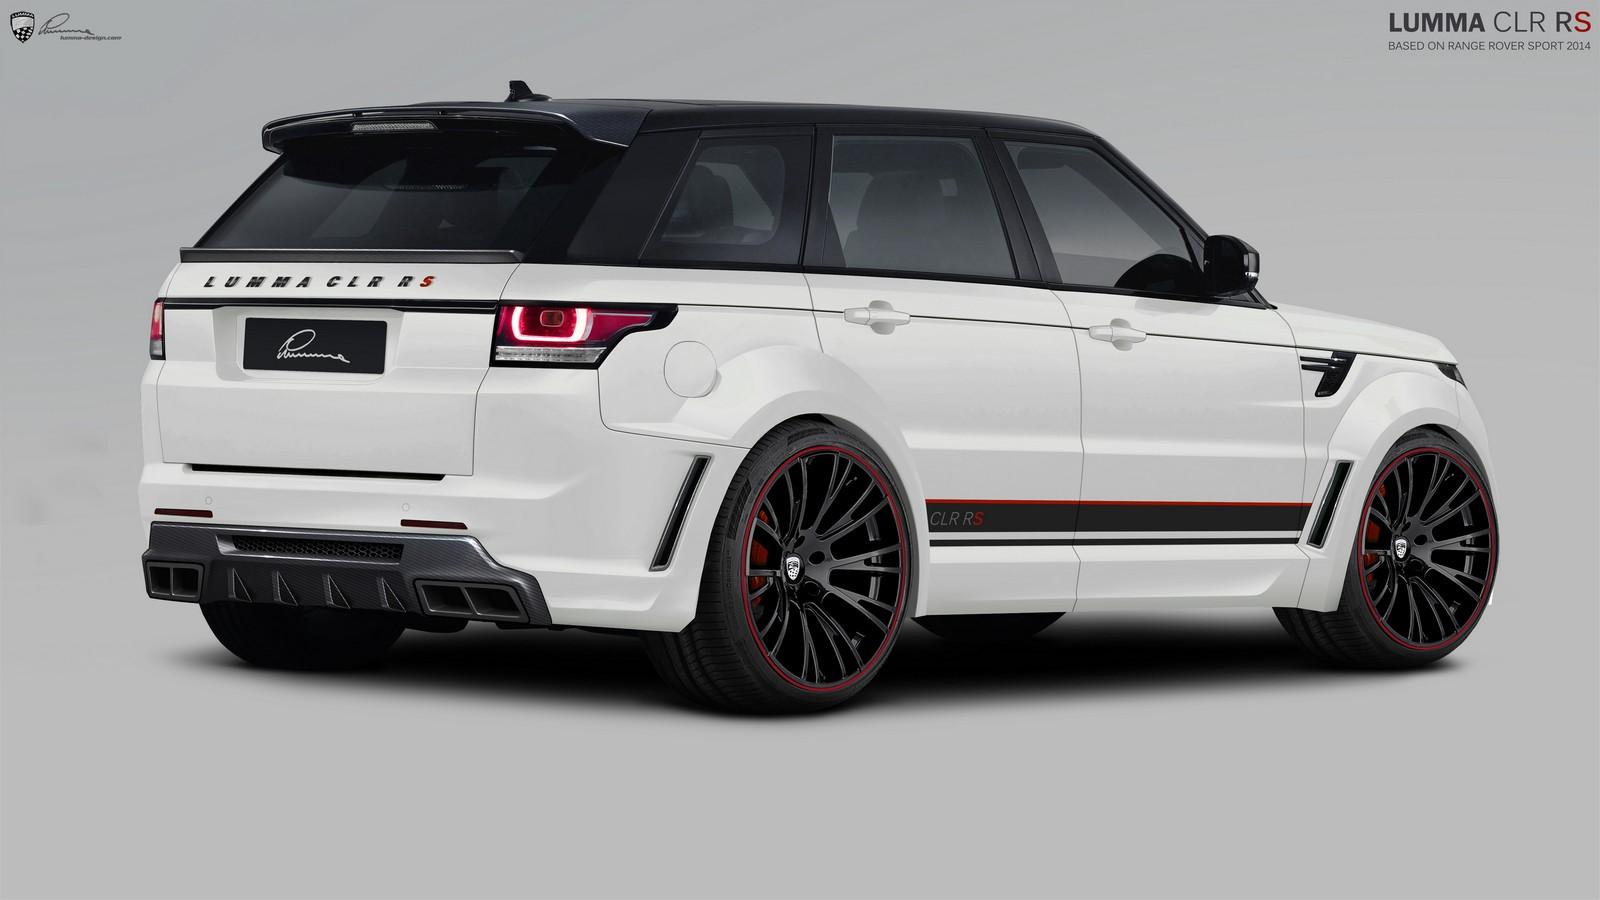 Official Lumma Design Range Rover Sport Clr Rs Gtspirit